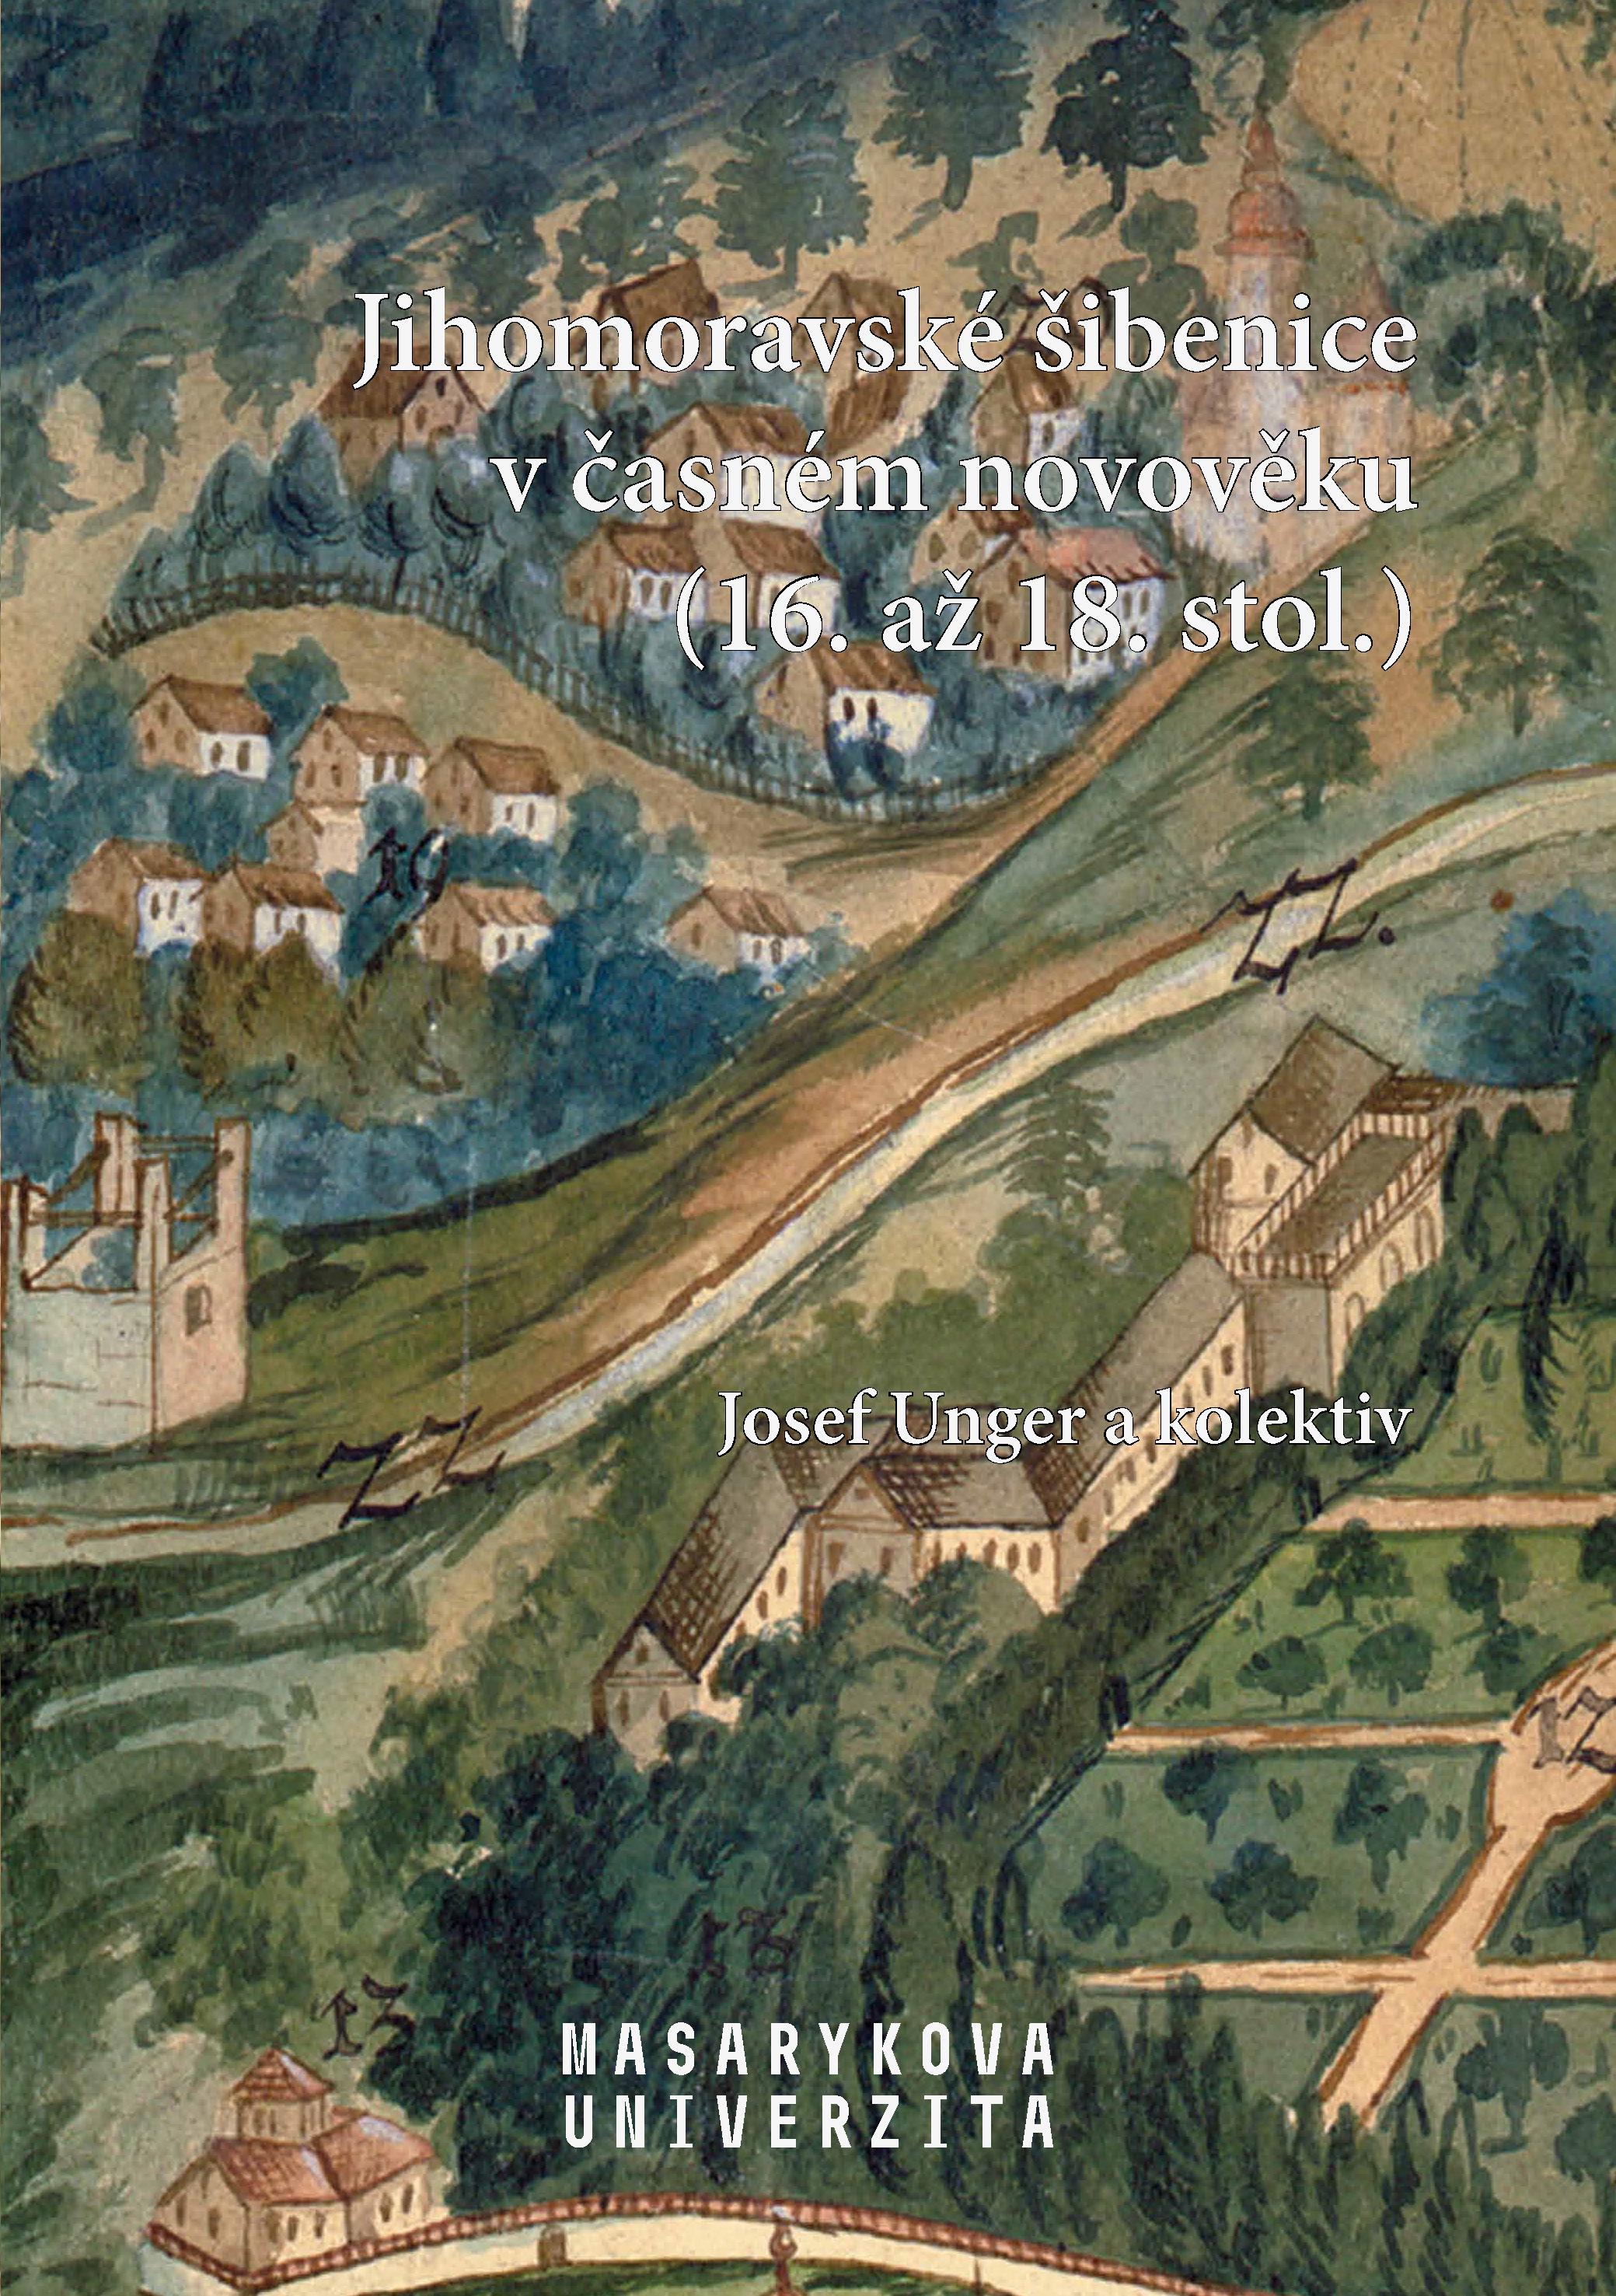 Obálka pro Jihomoravské šibenice včasném novověku (16. až 18. stol.)